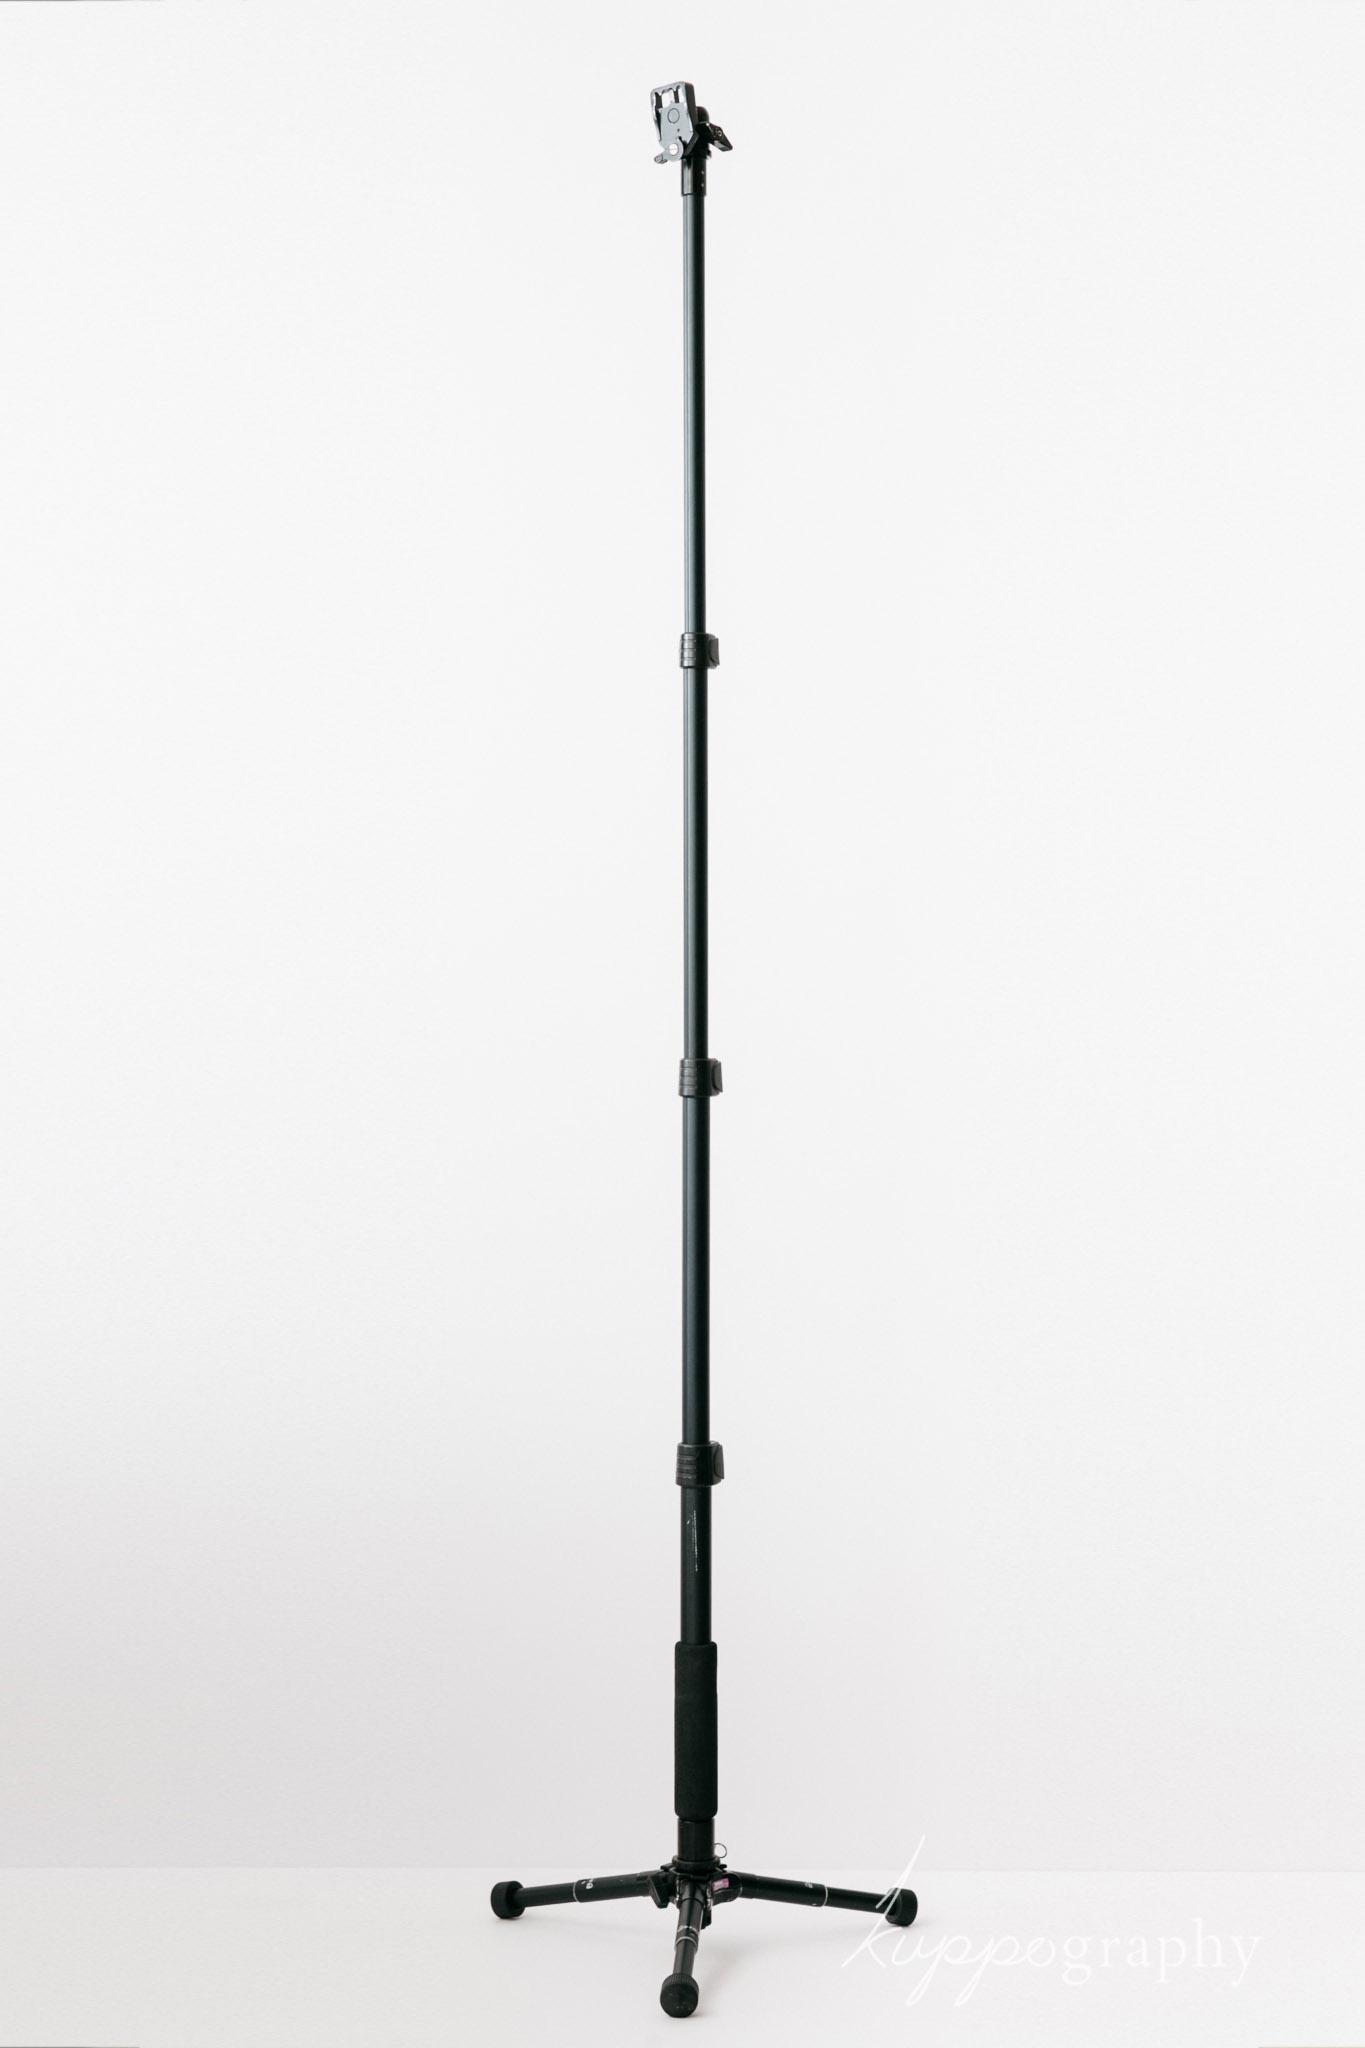 最大に伸ばして166cm